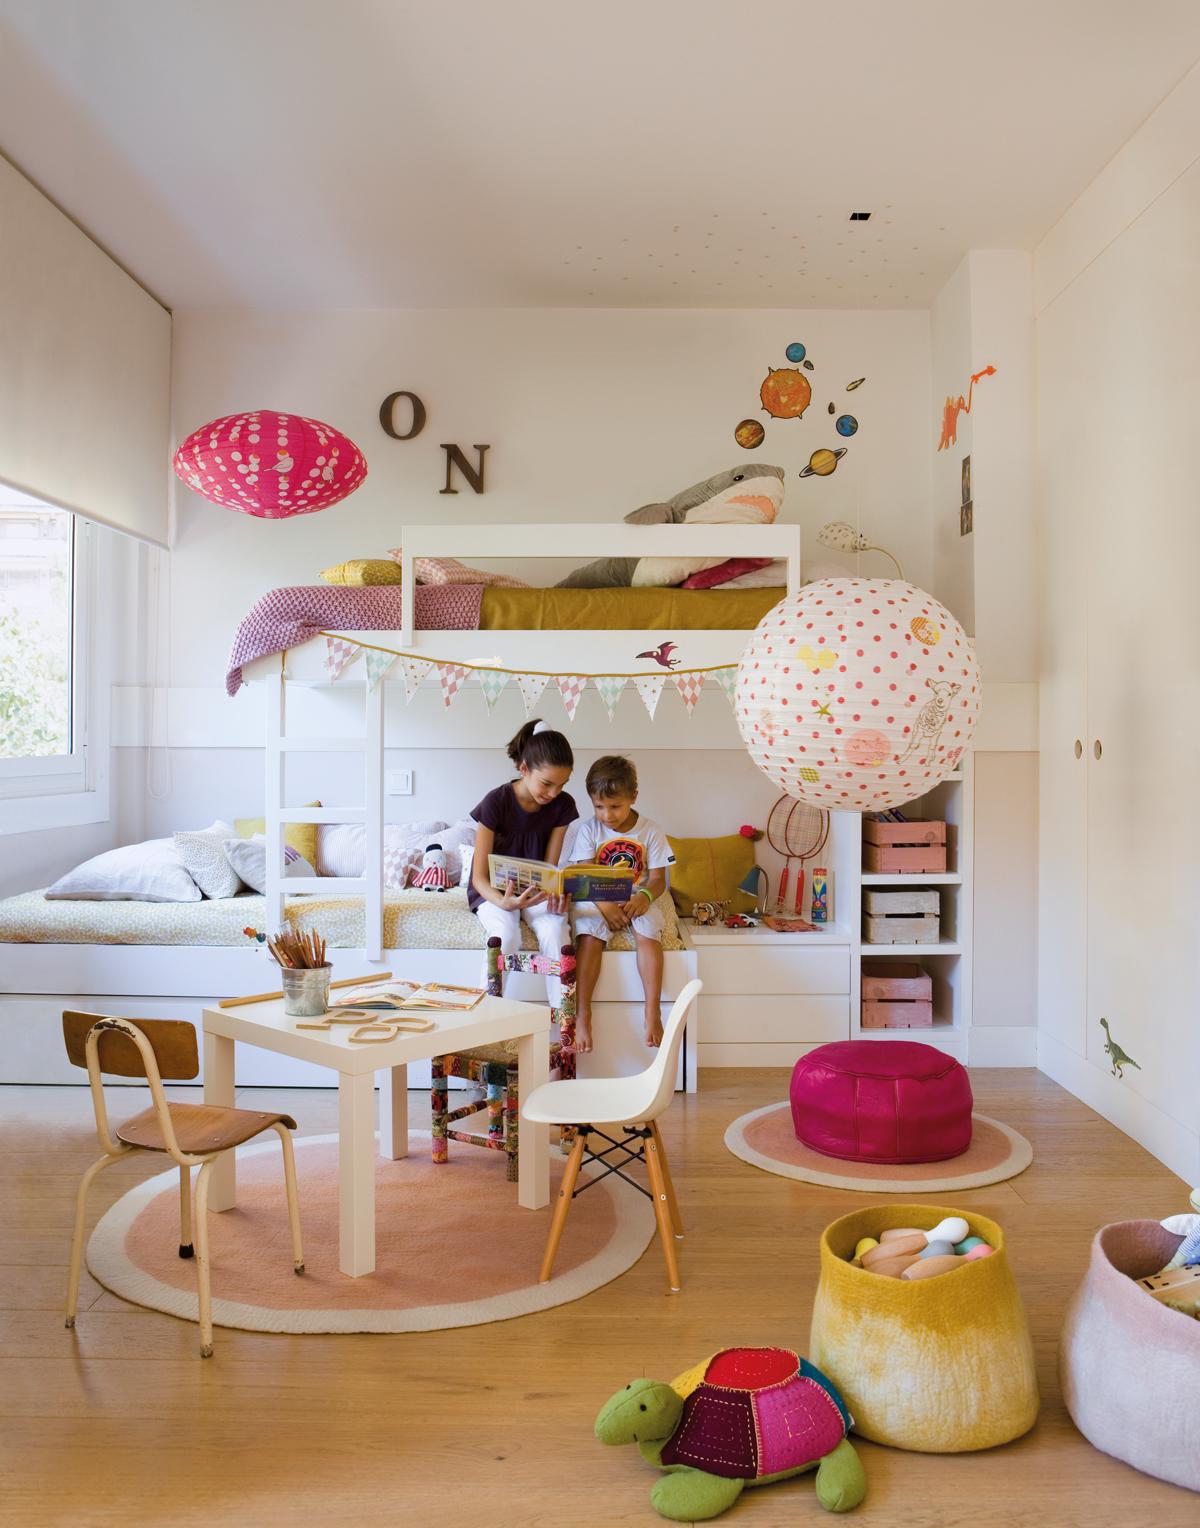 Cameră împărțită de doi frați de sexe diferite amenajată ca loc comun de joacă, odihnă și depozitare.